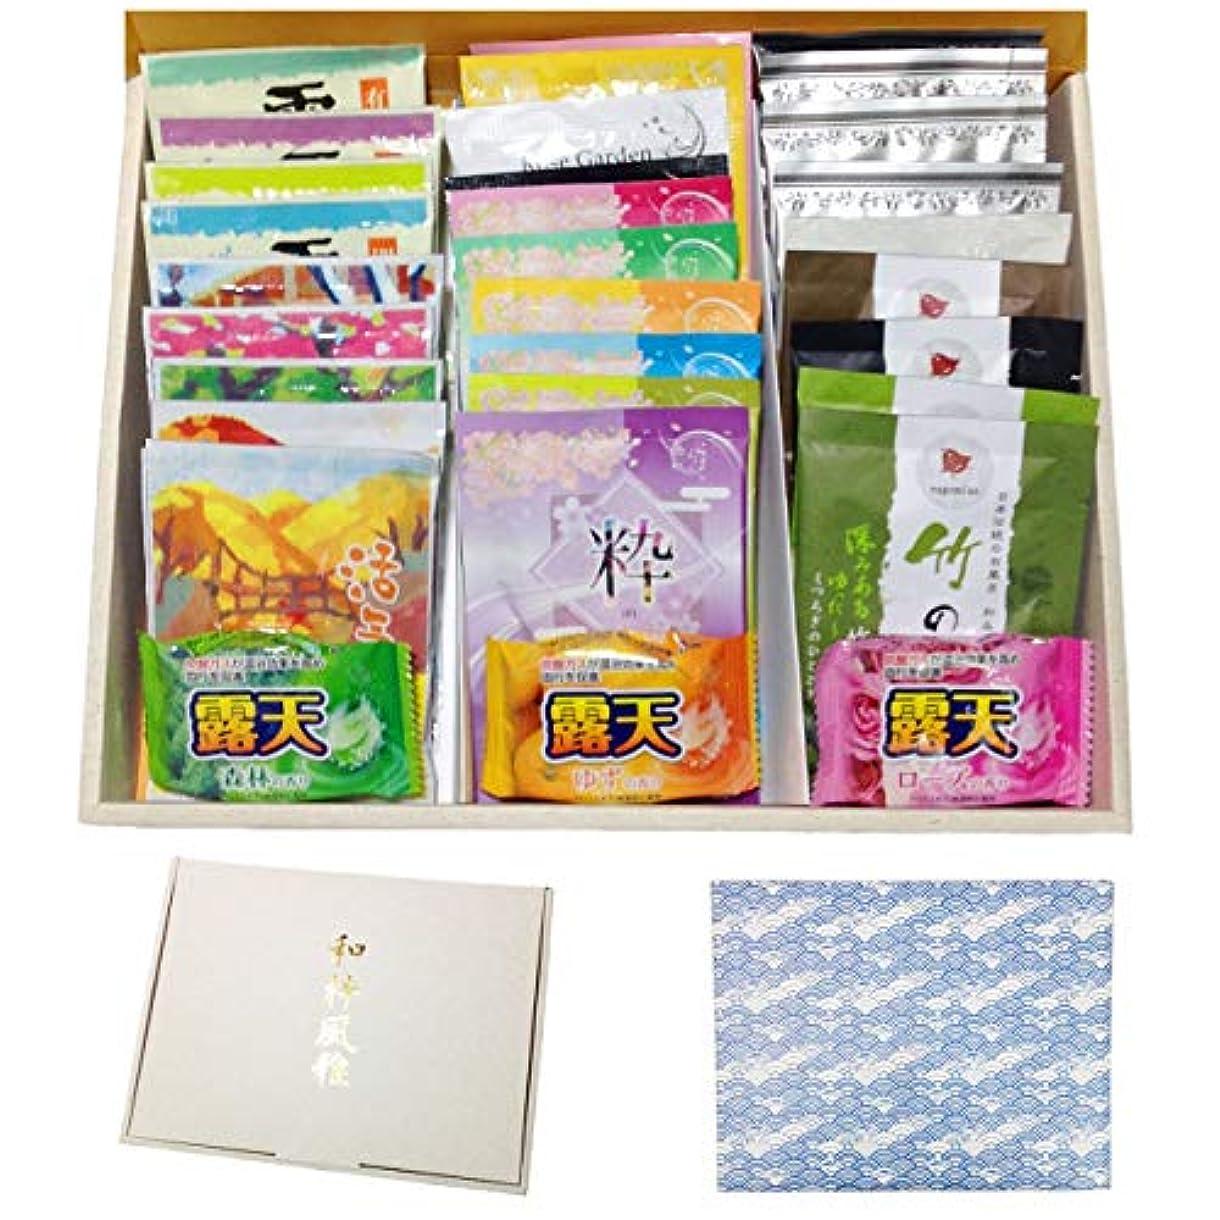 検体役割形成入浴剤 ギフト セット 日本製 温泉 炭酸 つめあわせ バスギフト プレゼント 30種類/50種類 (50個50種類)